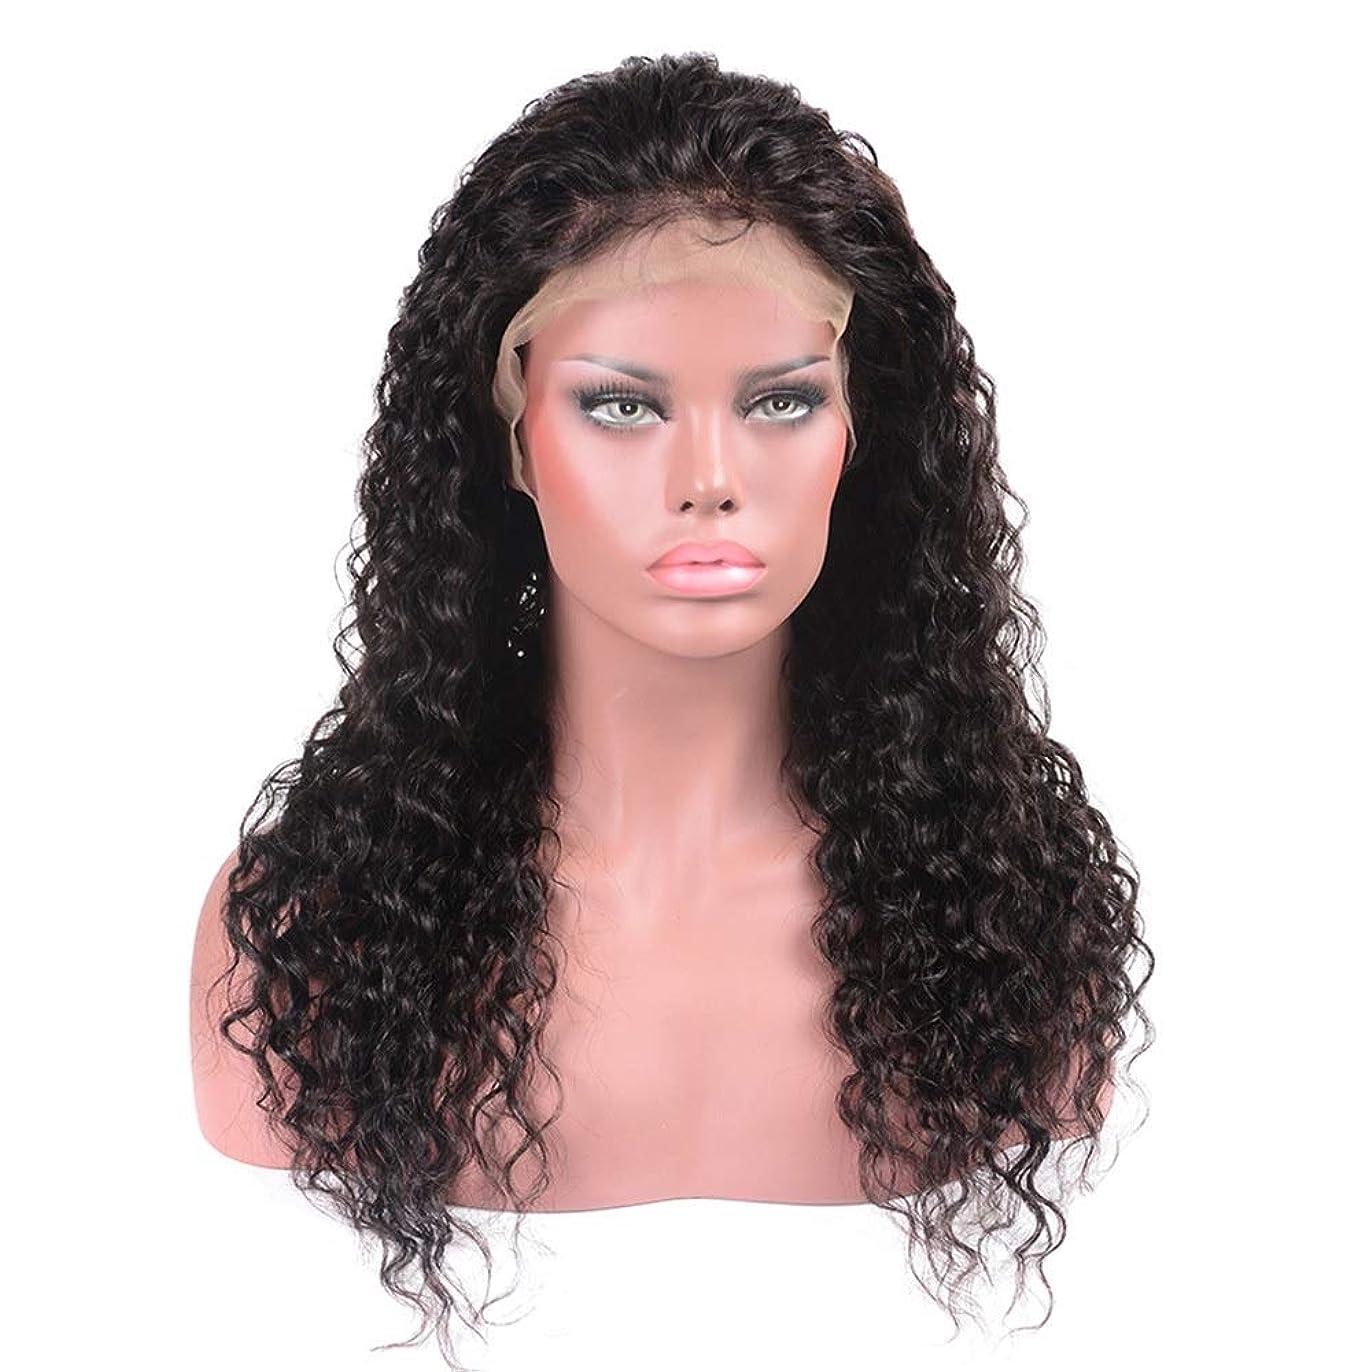 キャベツ常習者アンカーHOHYLLYA ブラジルの髪の水の波ロングカーリーウィッグ100%本物の人間の髪の毛のレースフロントかつら(8インチ - 22インチ)パーティーウィッグ (色 : 黒, サイズ : 22 inch)